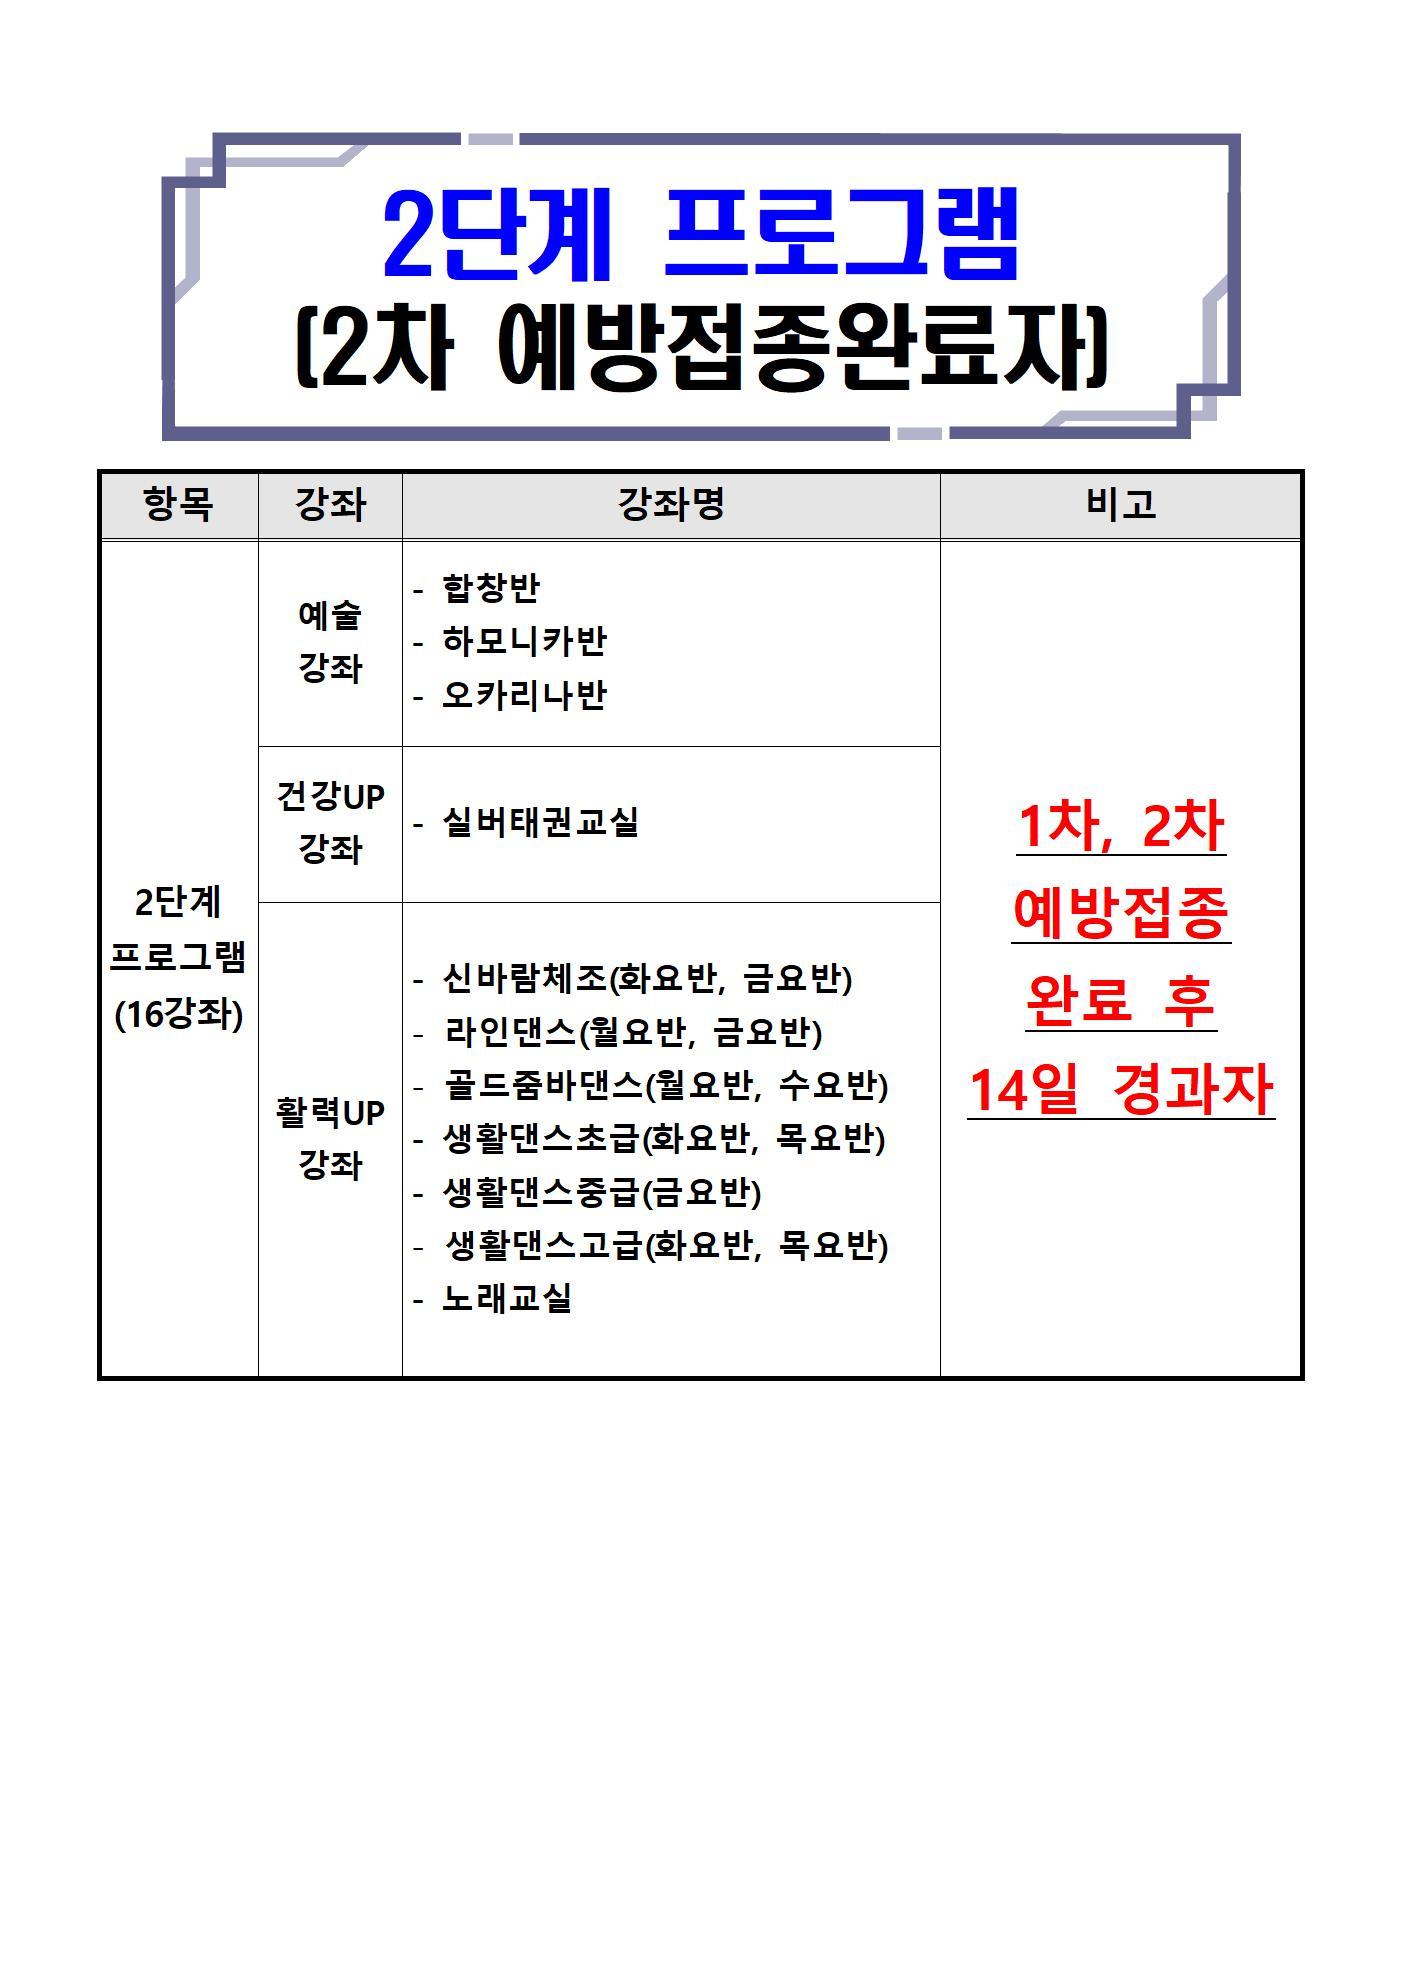 2021년 하반기 수강신청 홍보 안내004.jpg